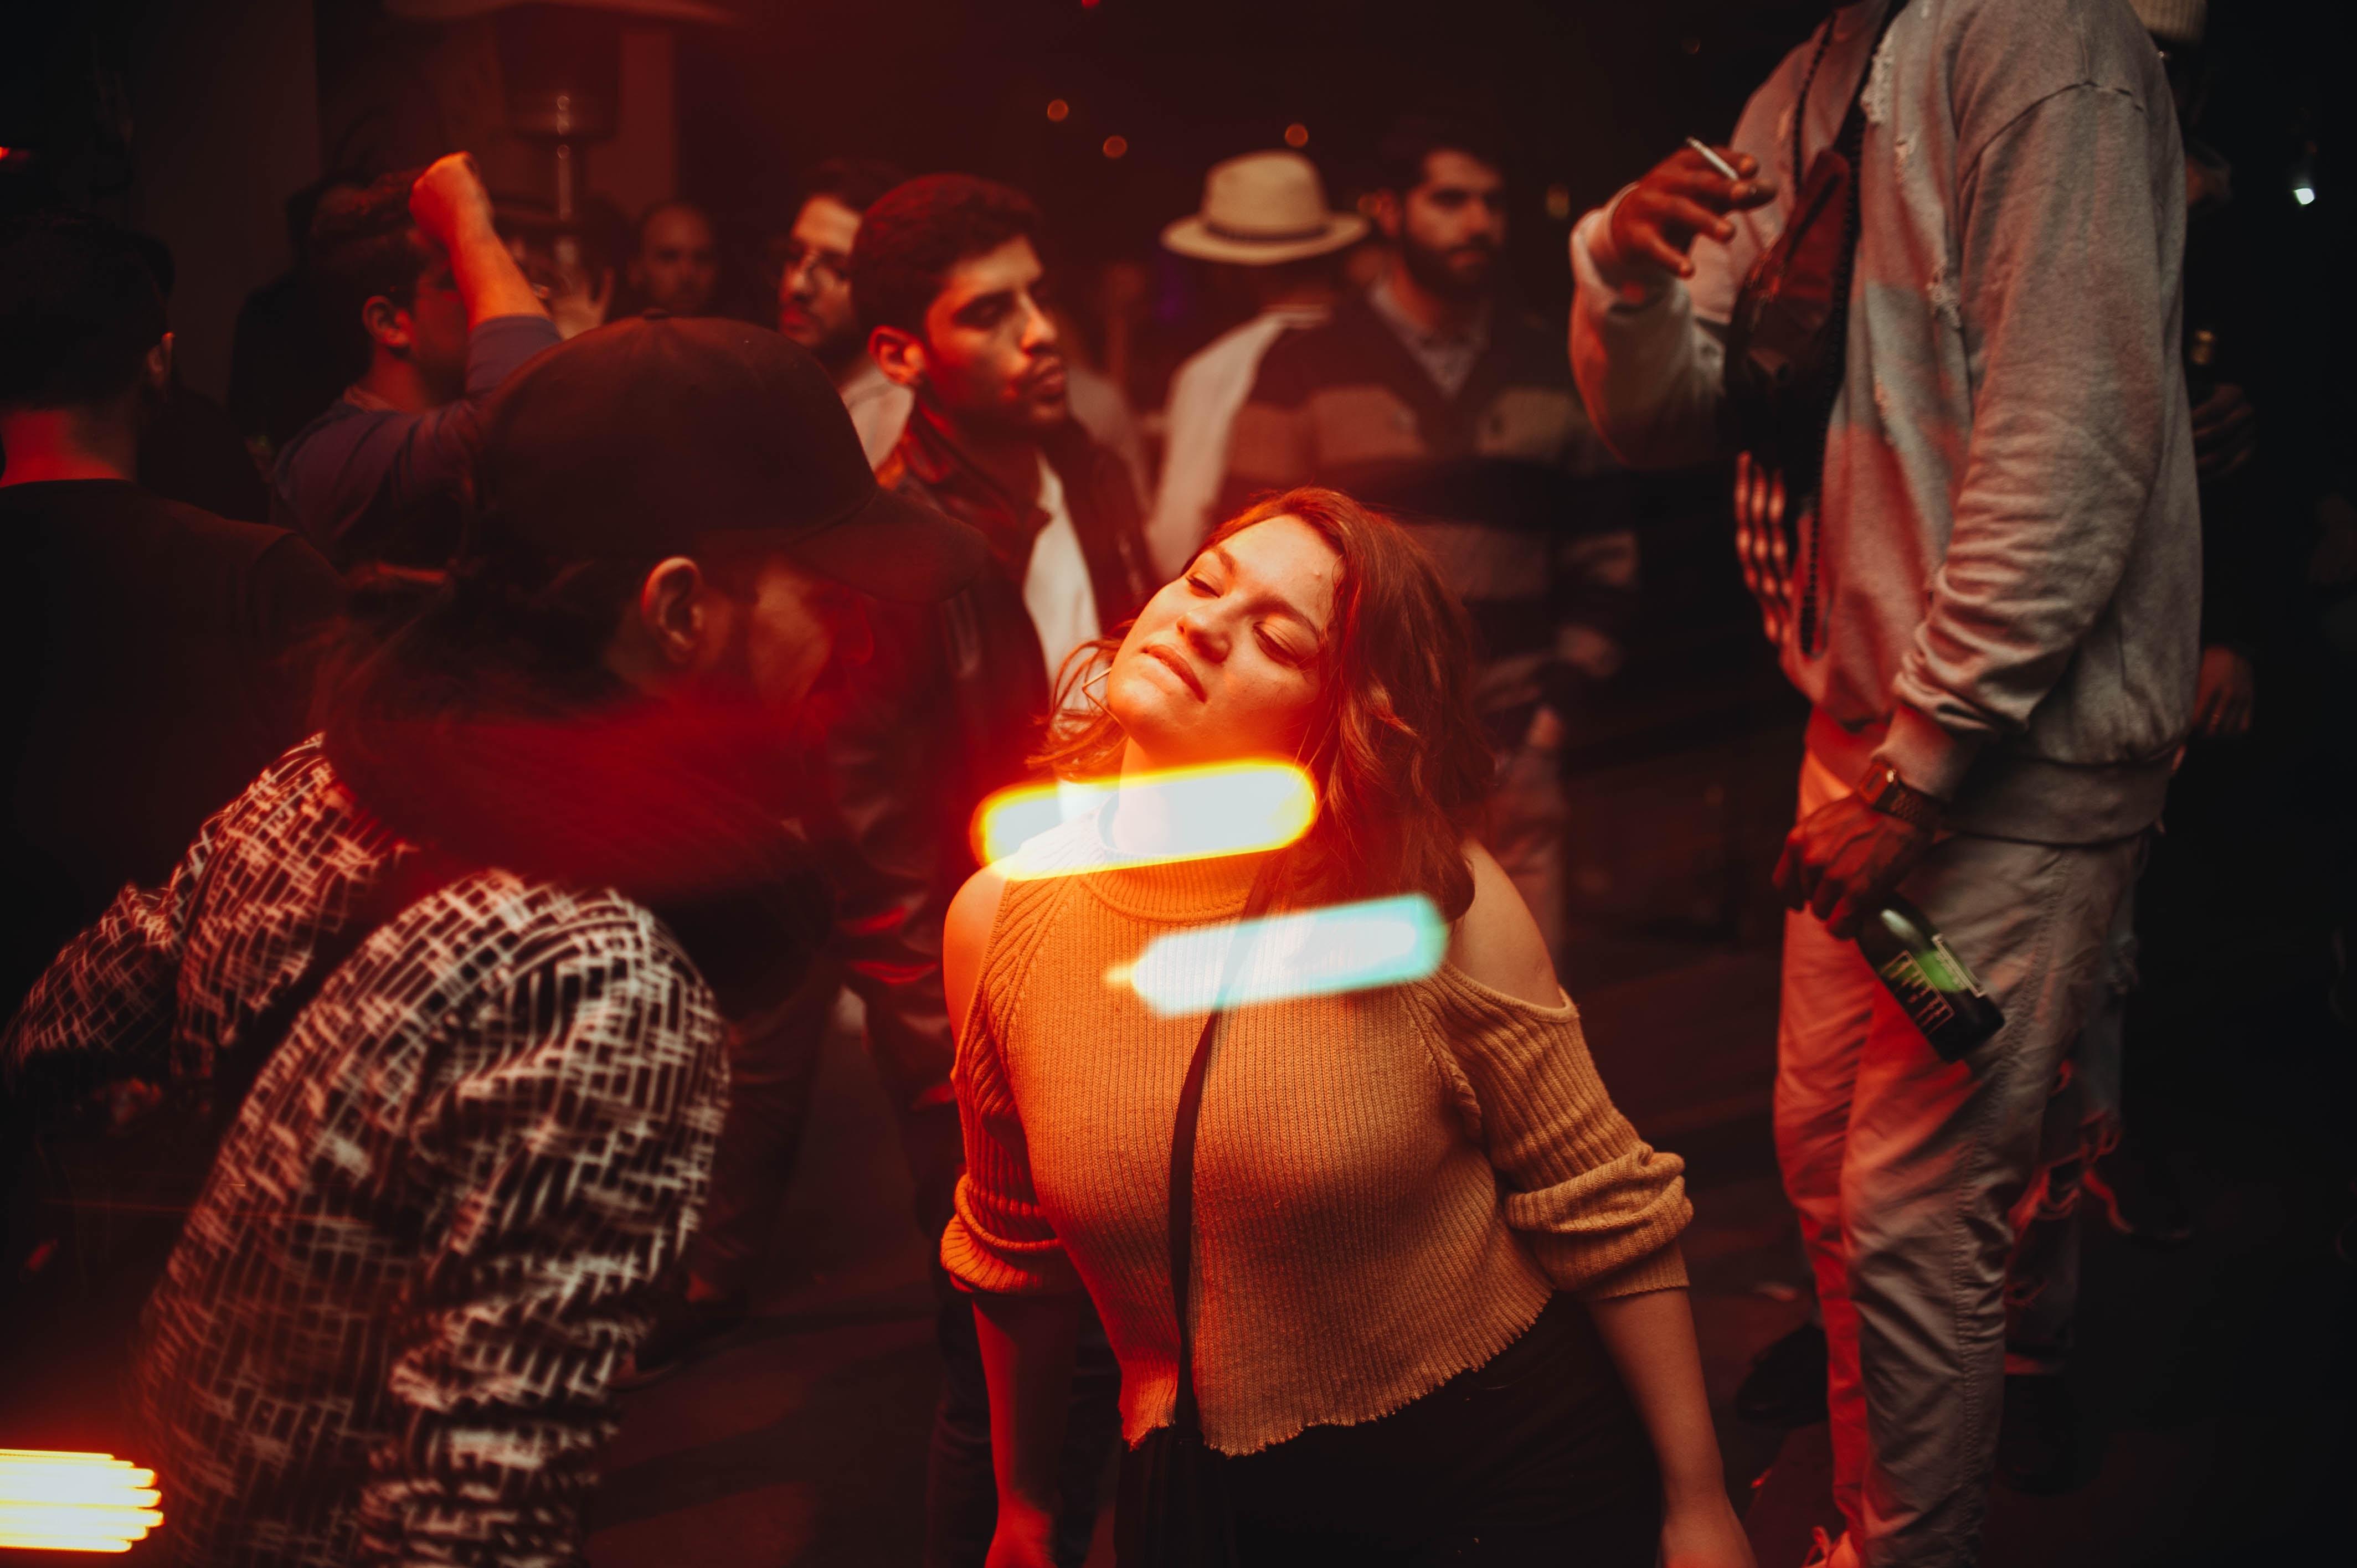 Unge, fest, party, dans, dance, disko. (Foto: Unsplash)